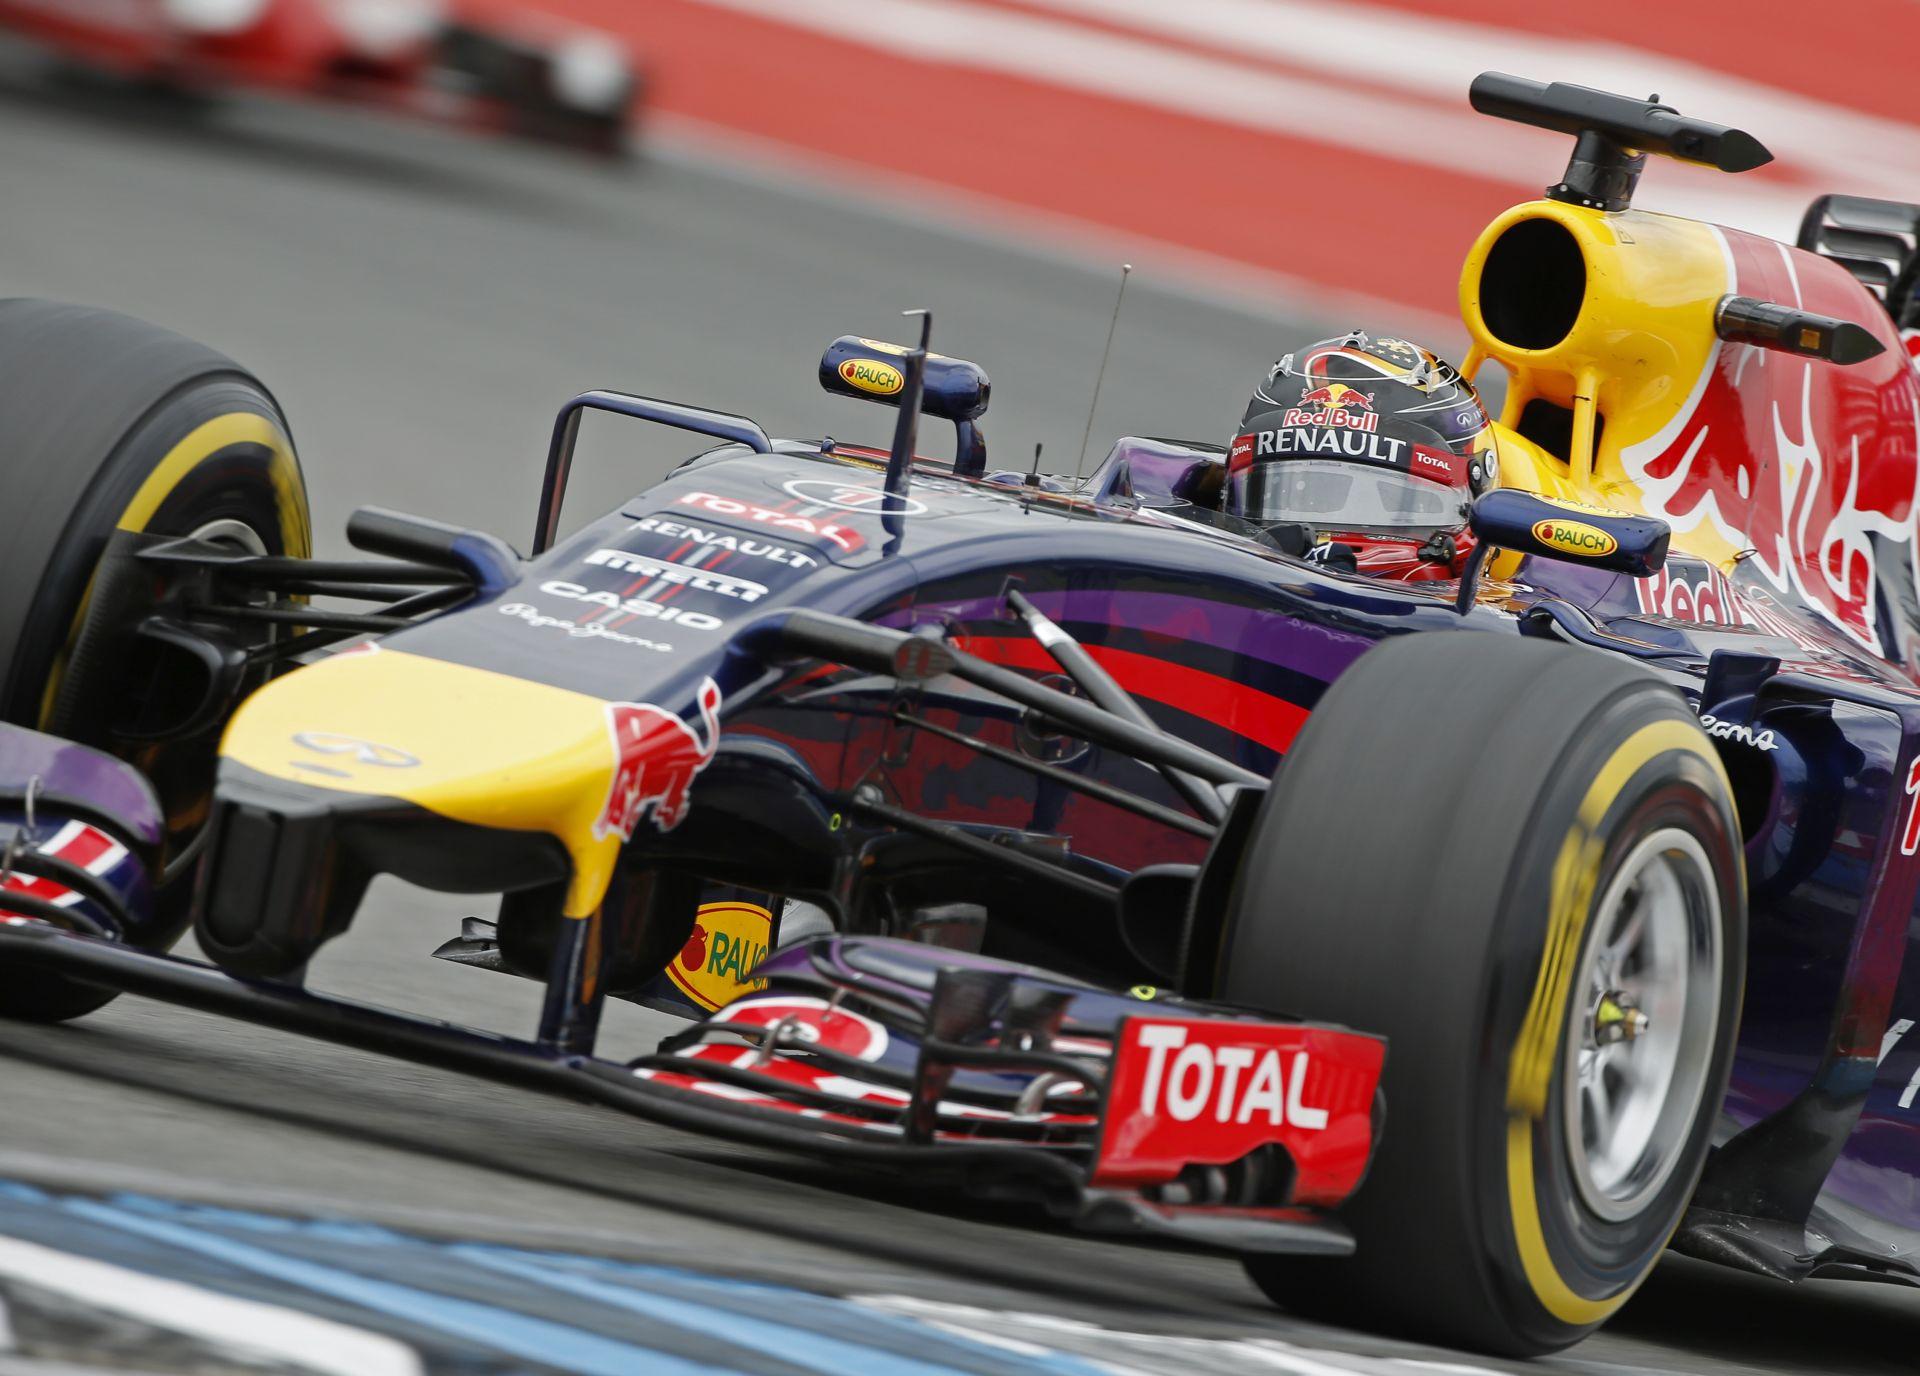 Vettel egy gyorsabb és jobban kezelhető Red Bullt szeretne, de tudja, az F1 nem kívánságműsor